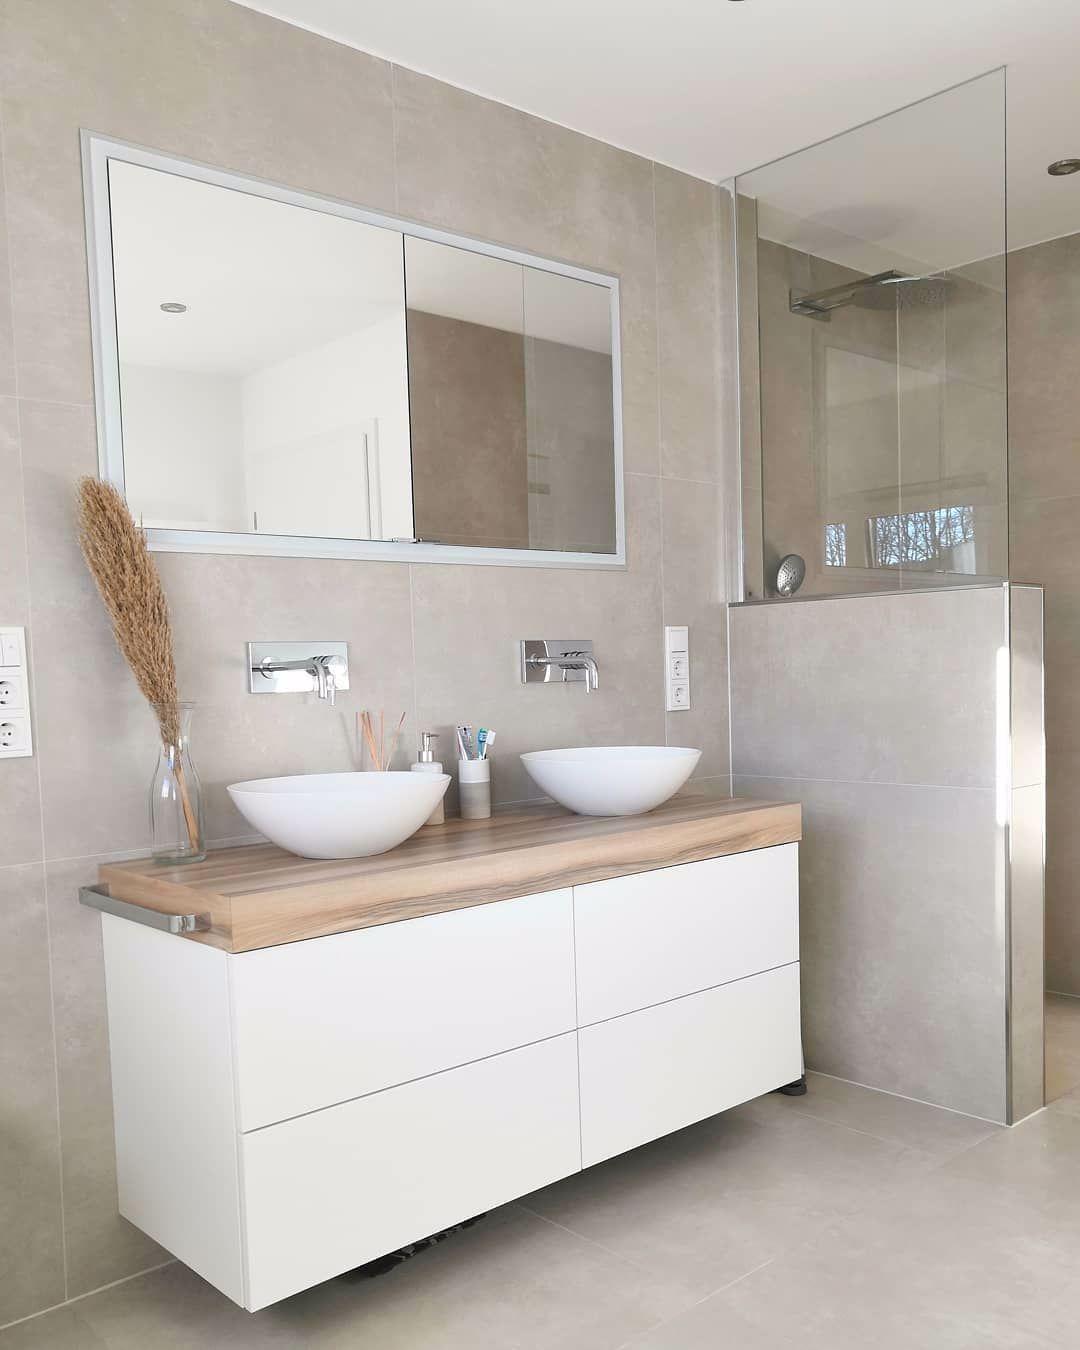 100 Badezimmer Fliesen Ideen Design Wand Boden Grosse Klein Galerie Voll Welcome To Blog In 2020 Badezimmer Umbau Badezimmer Klein Badezimmer Innenausstattung